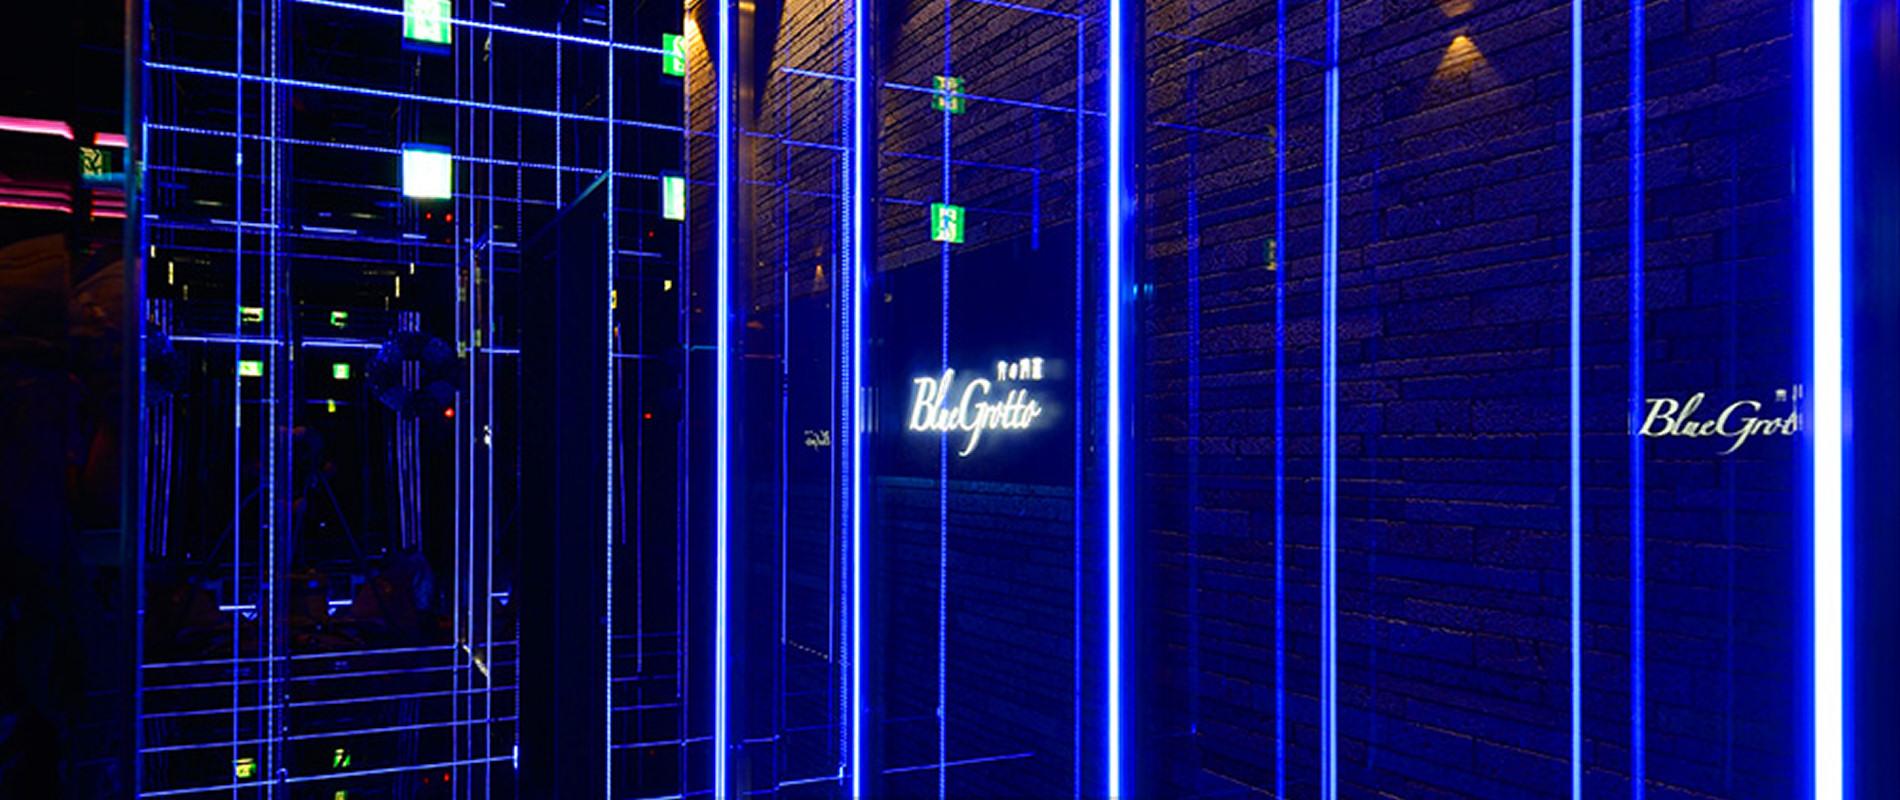 3F VIPループ(Blue Grotto)の入口の画像が写っています。